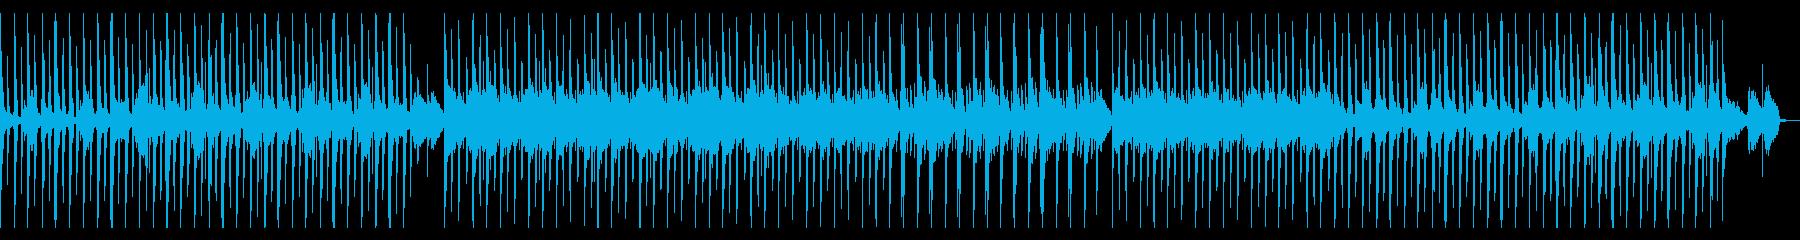 情緒的なhiphopの再生済みの波形